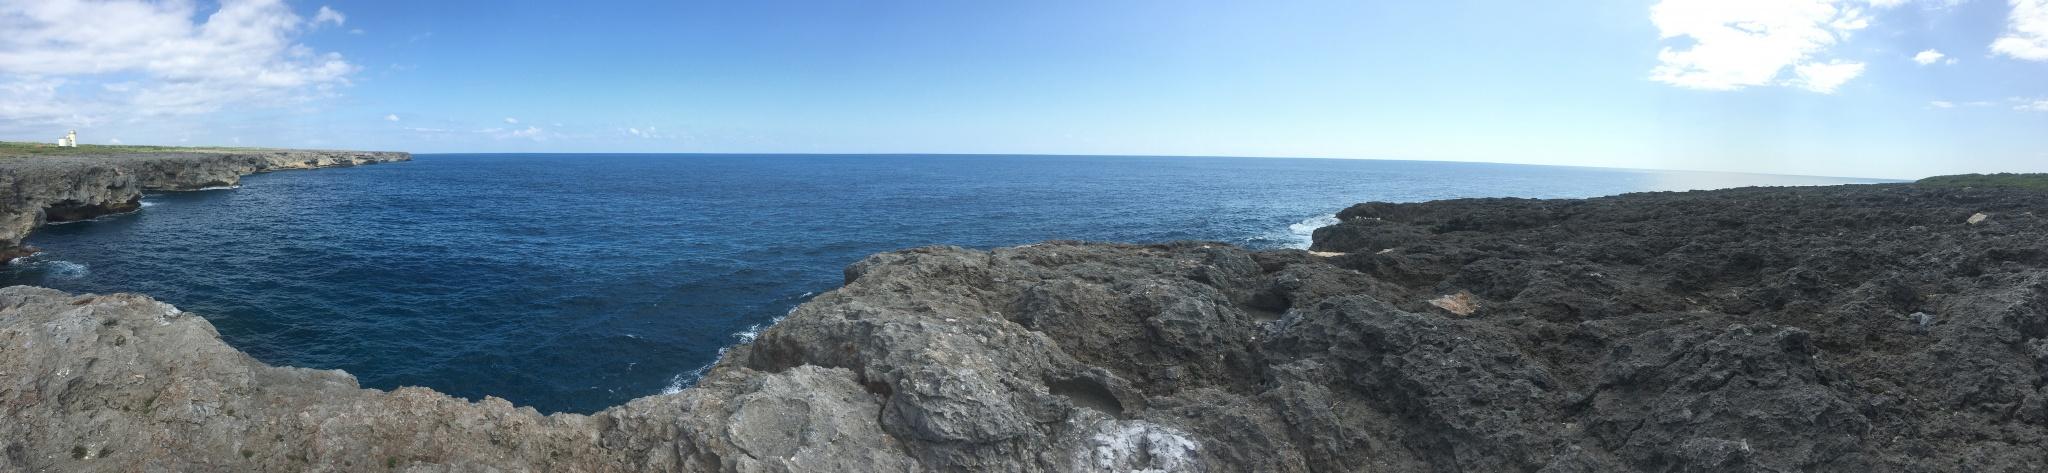 180°大パノラマの大海原!